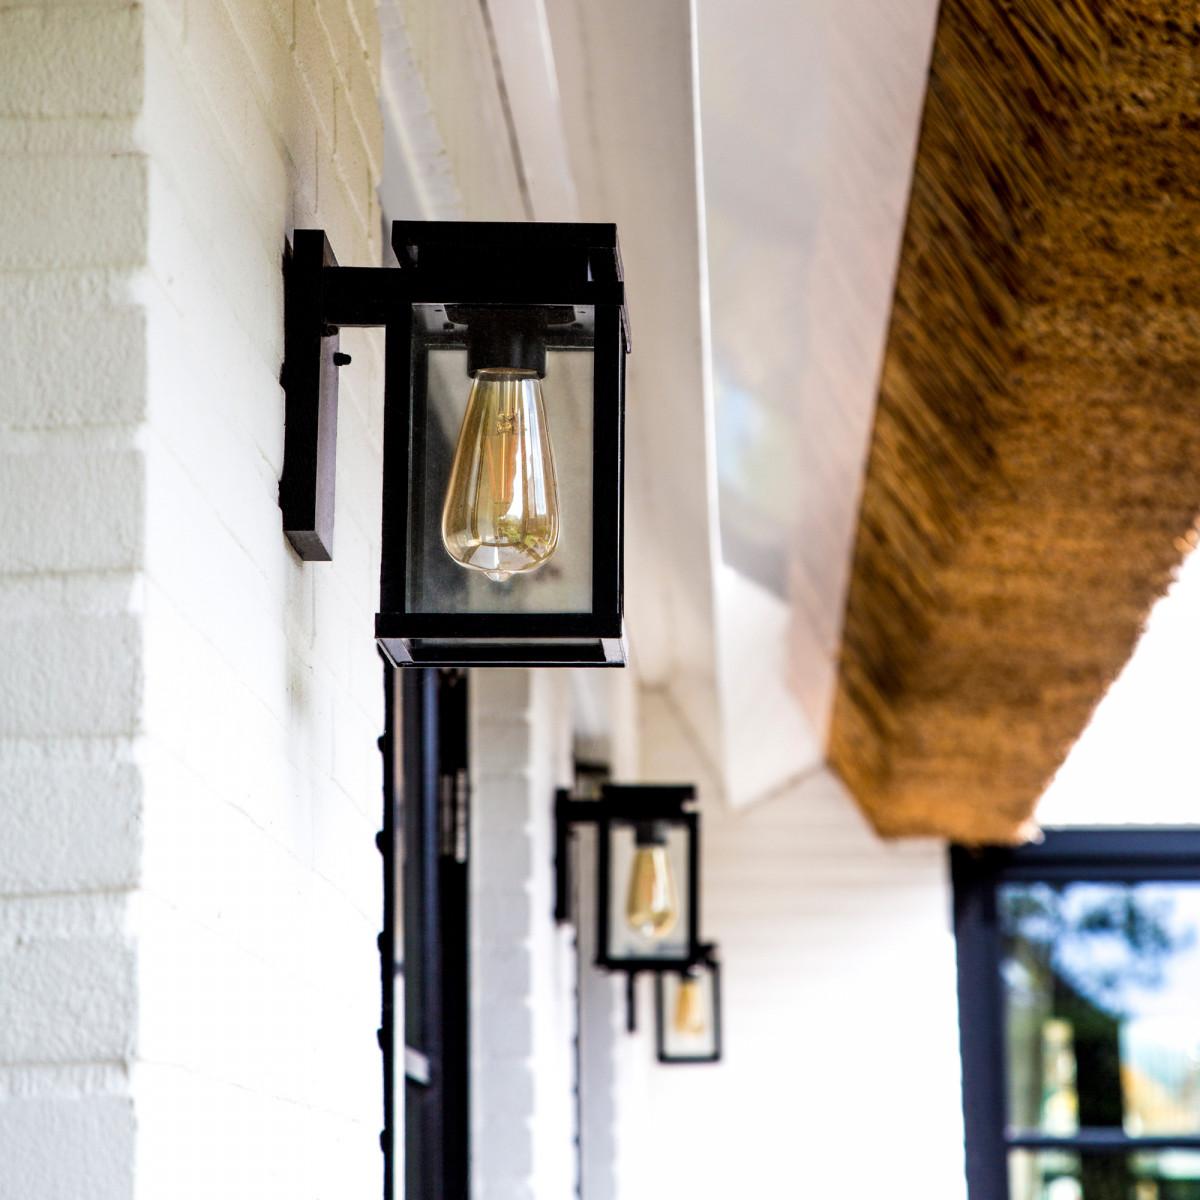 buitenlamp met sensor, zwarte buitenlamp voor aan de wand, ingebouwde bewegingssensor, strak moderne verlichting